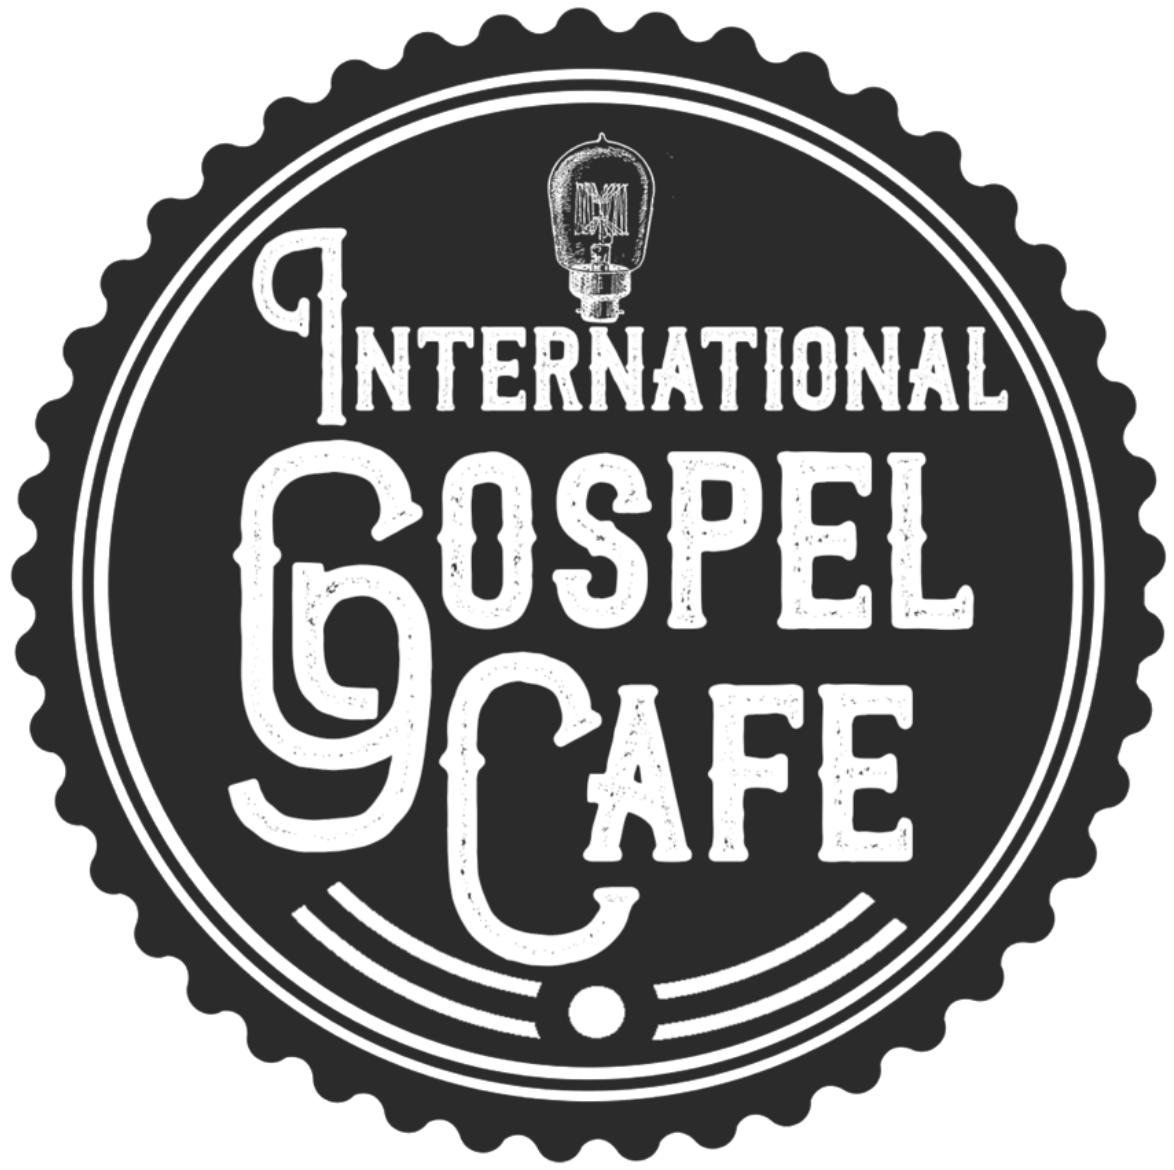 INTERNATIONAL GOSPEL CAFE   International Gospel Cafeは、人生や真理について深く考えるための場所です。英語と日本語の両方で行なわれ、いろんなことを学びたい方や深い話をしたい方はどなたでも歓迎いたします。